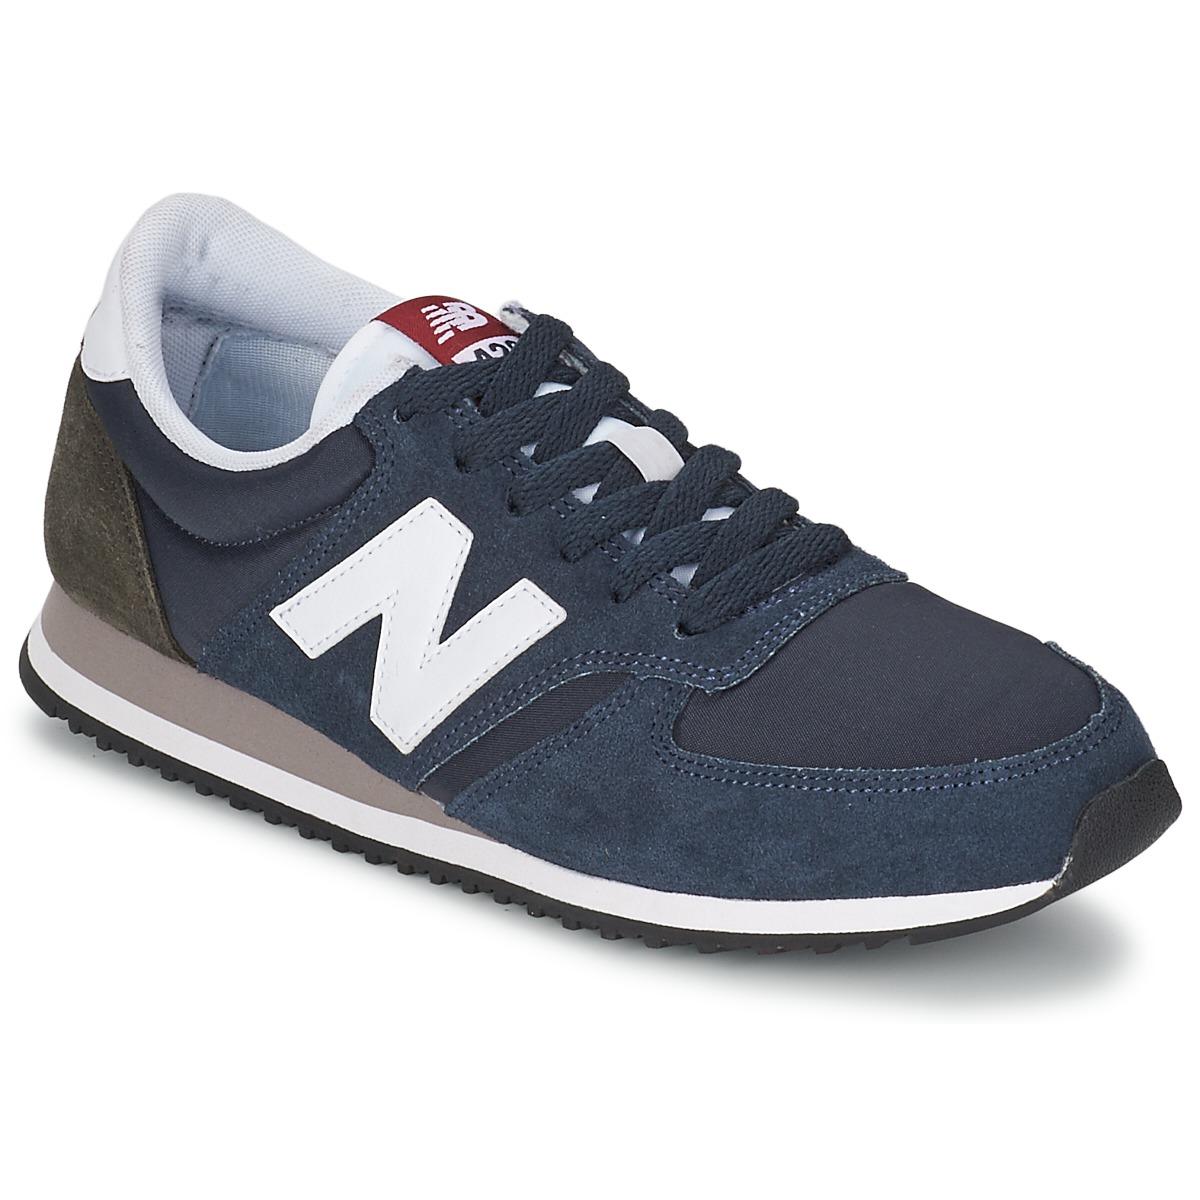 New portez balance homme chaussures les bonnes rErq7dR